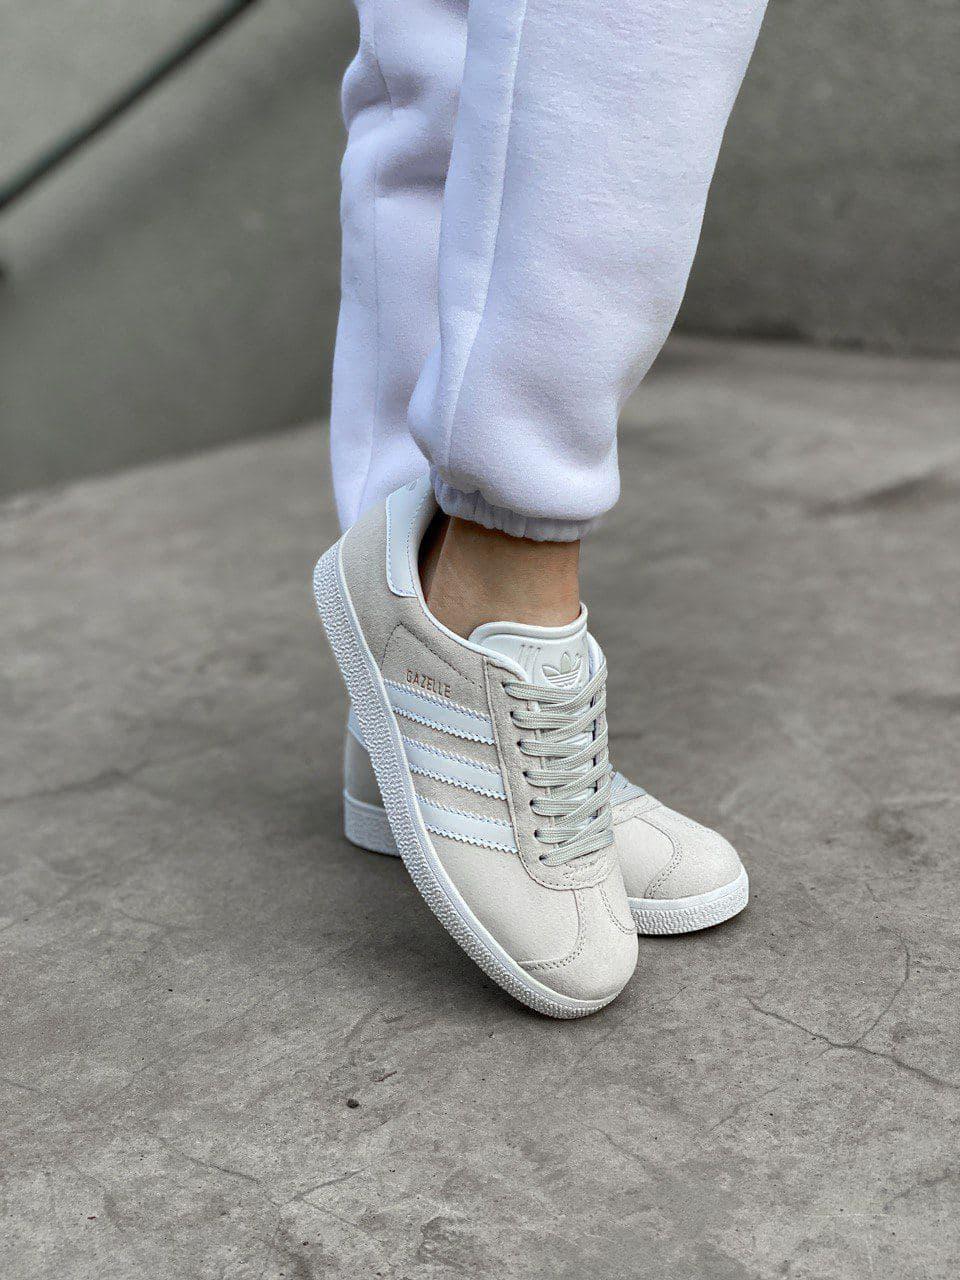 Женские кроссовки Adidas Gazelle (копия)